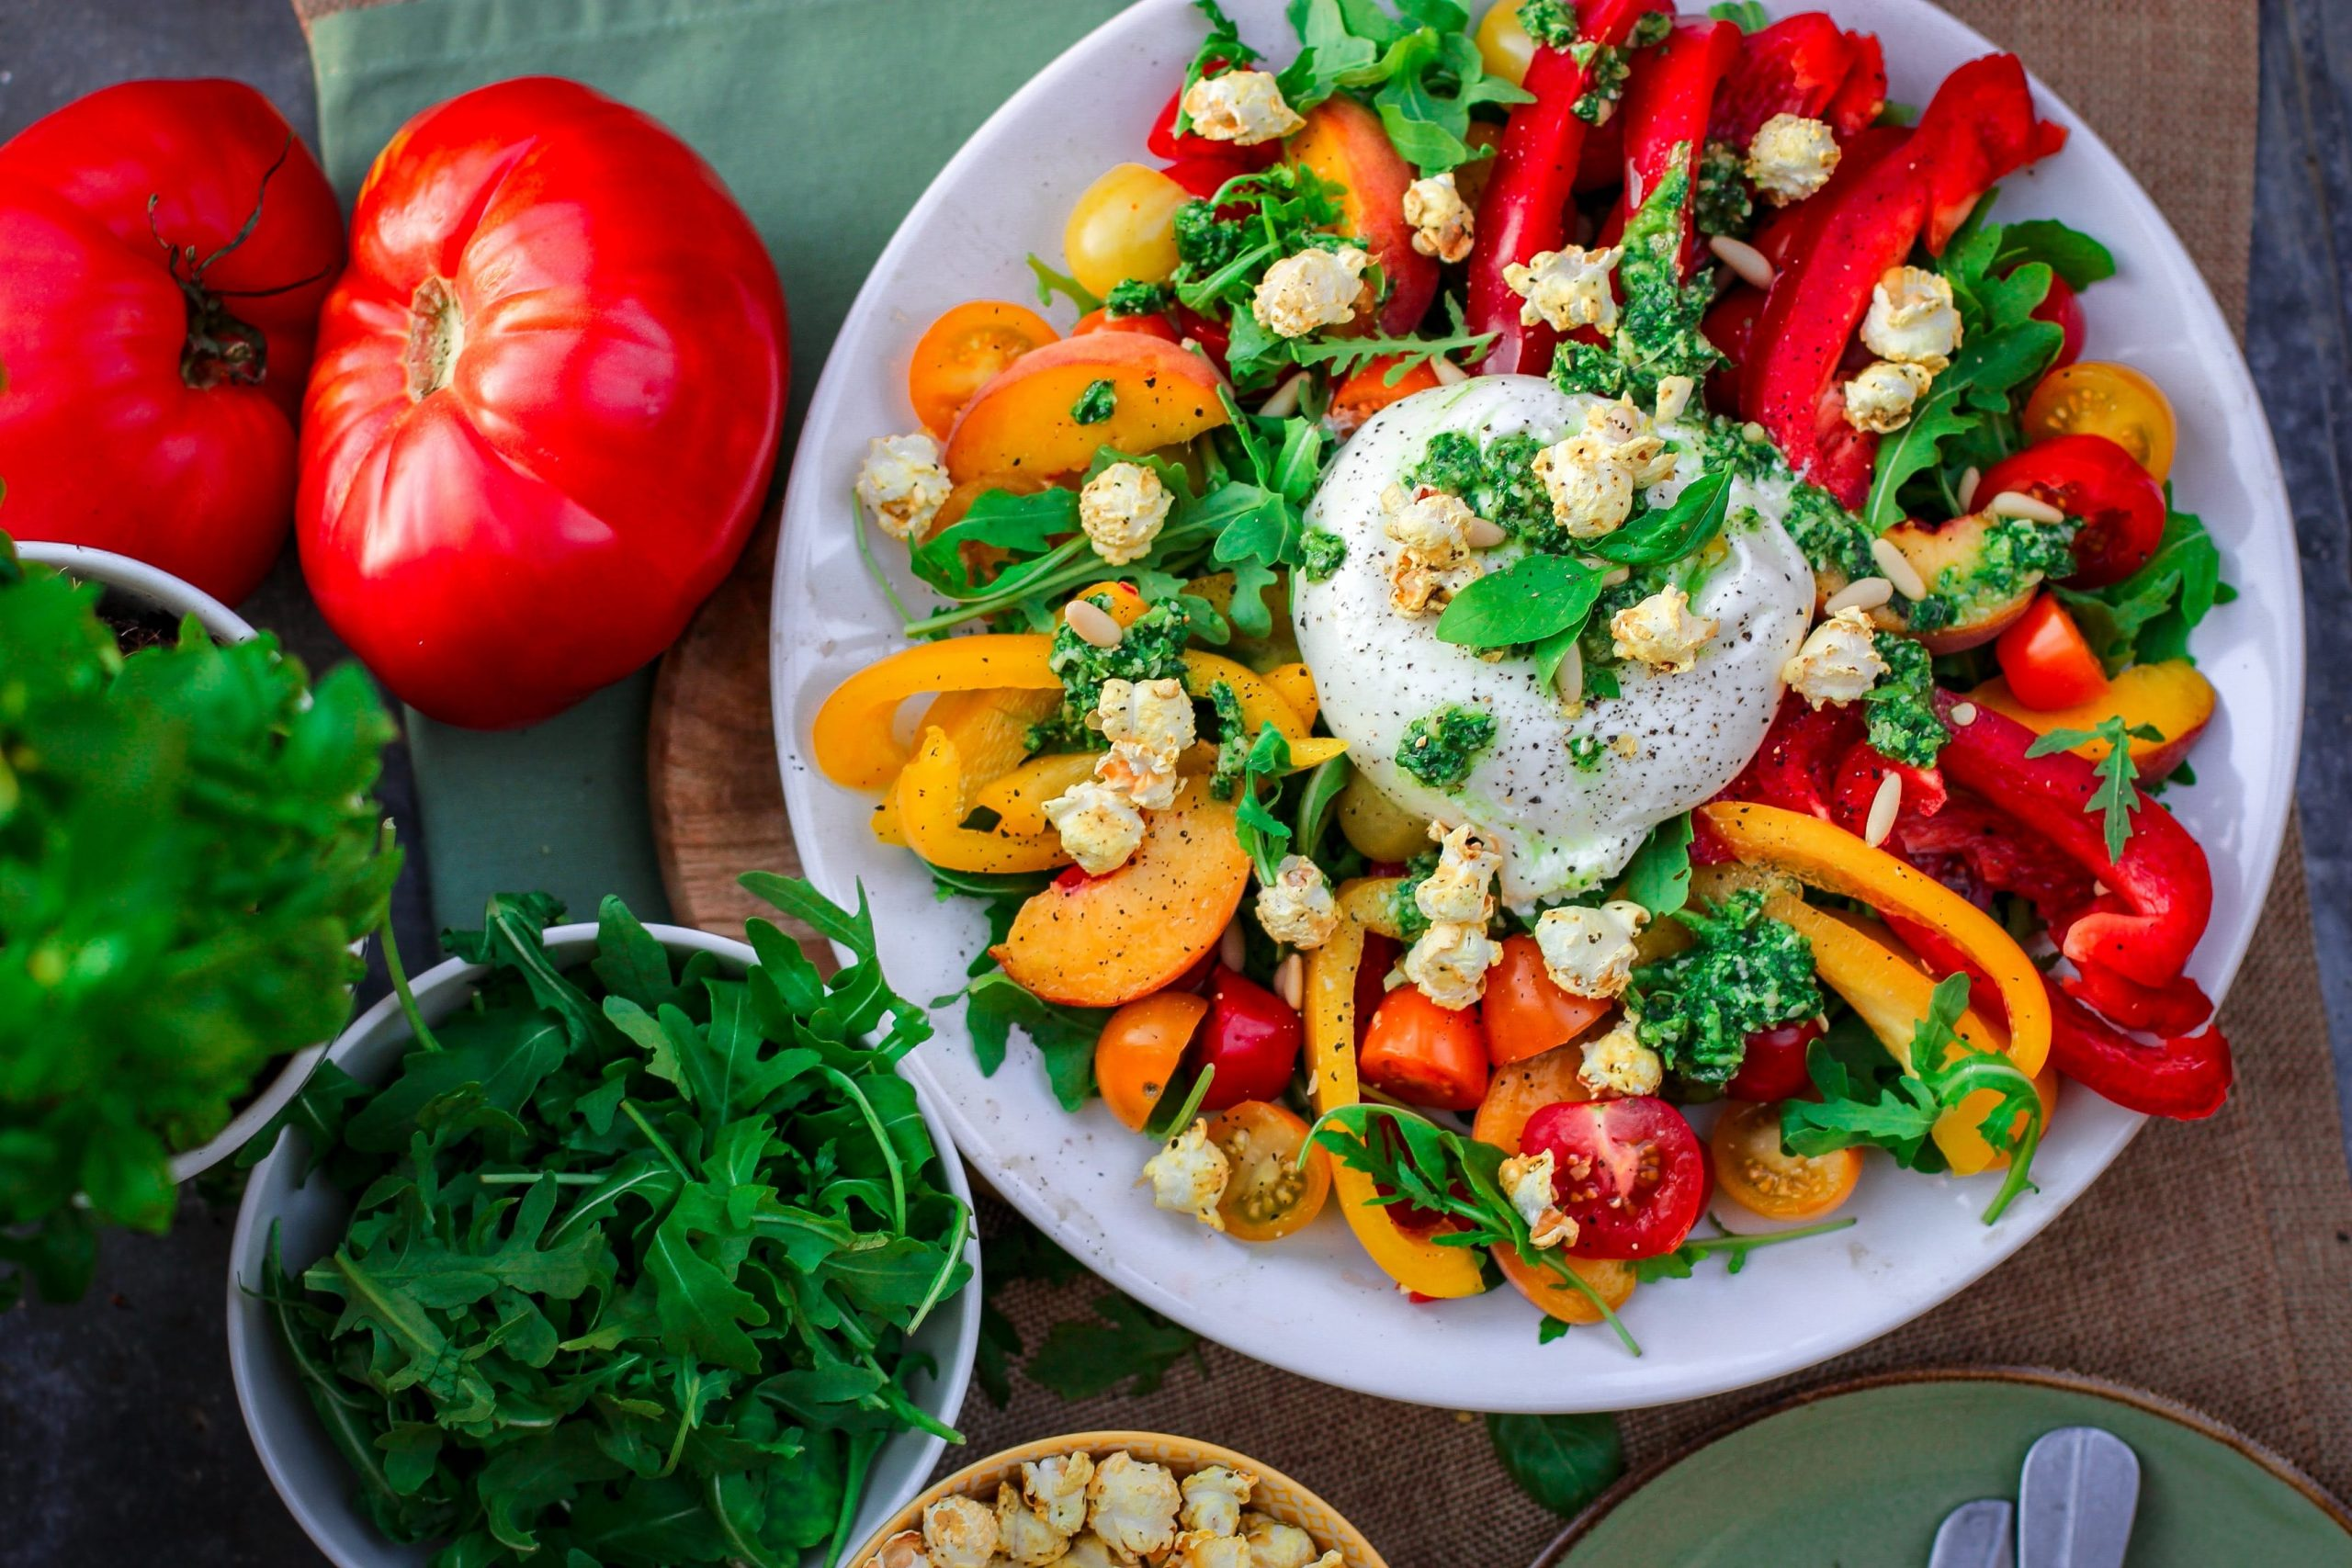 làm salad ngon -santorino.org